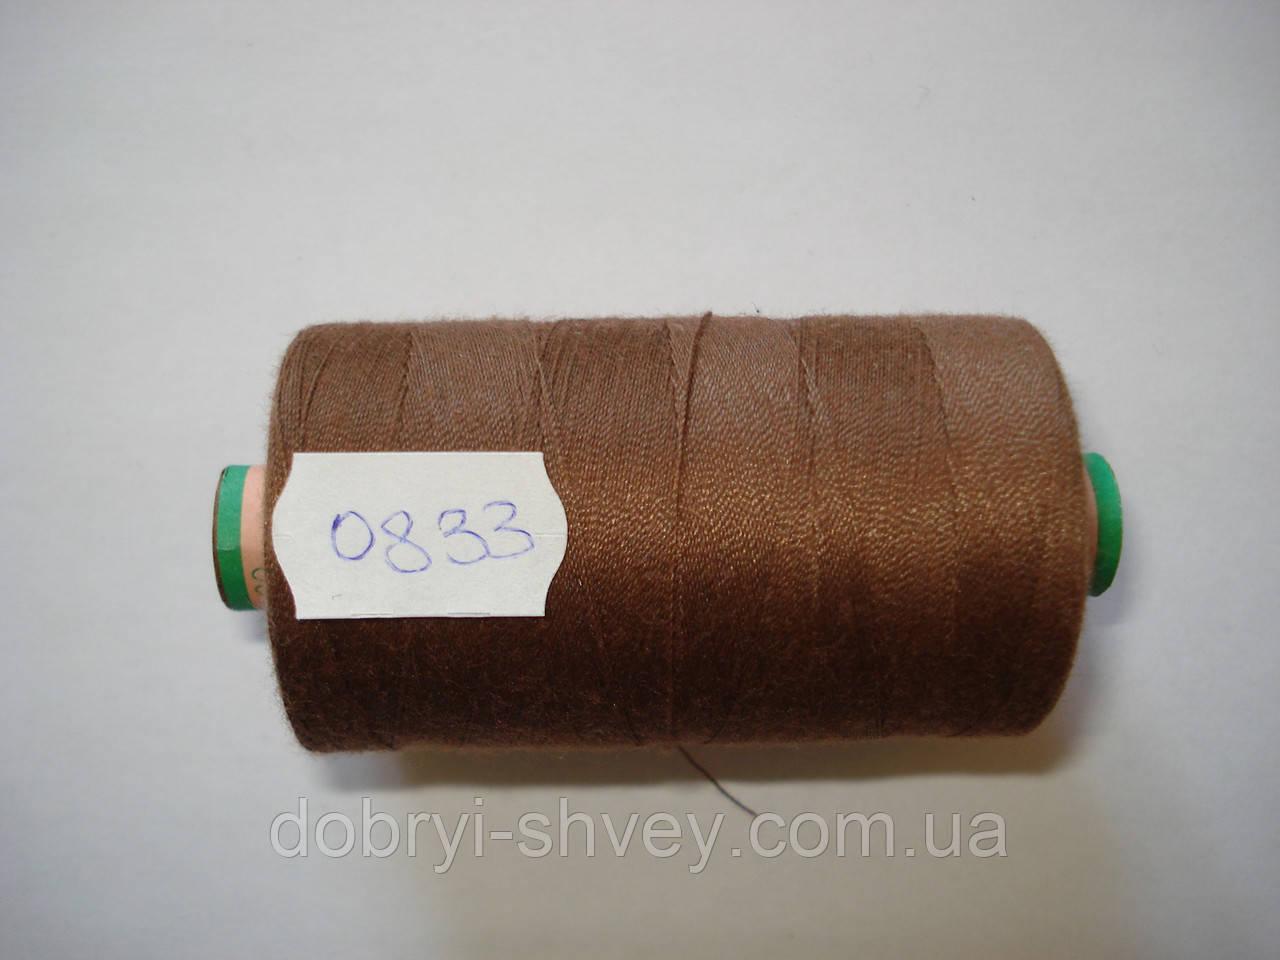 Нитка AMANN Saba c №80 1000м.col 0833 коричневый (шт.)